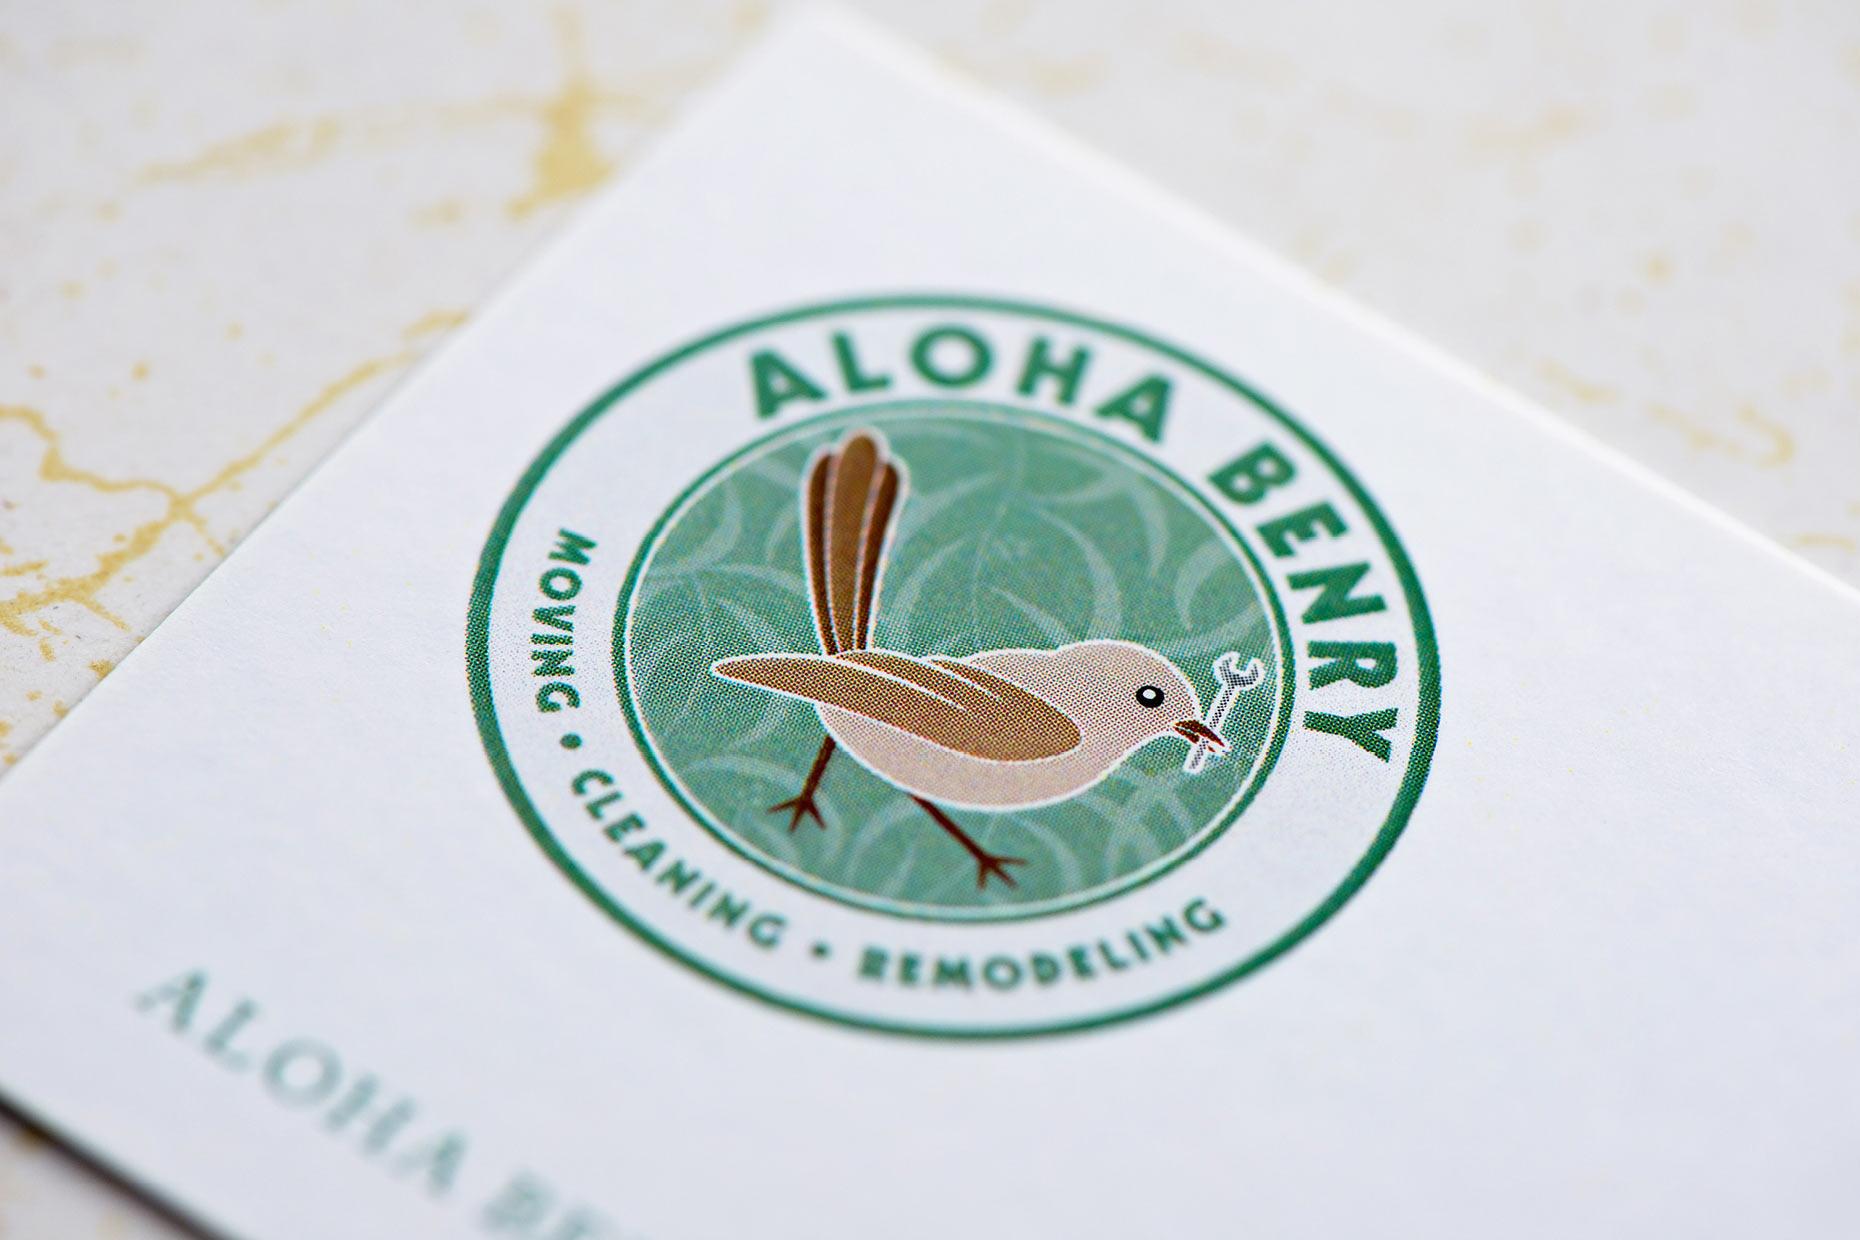 Aloha Benry logo